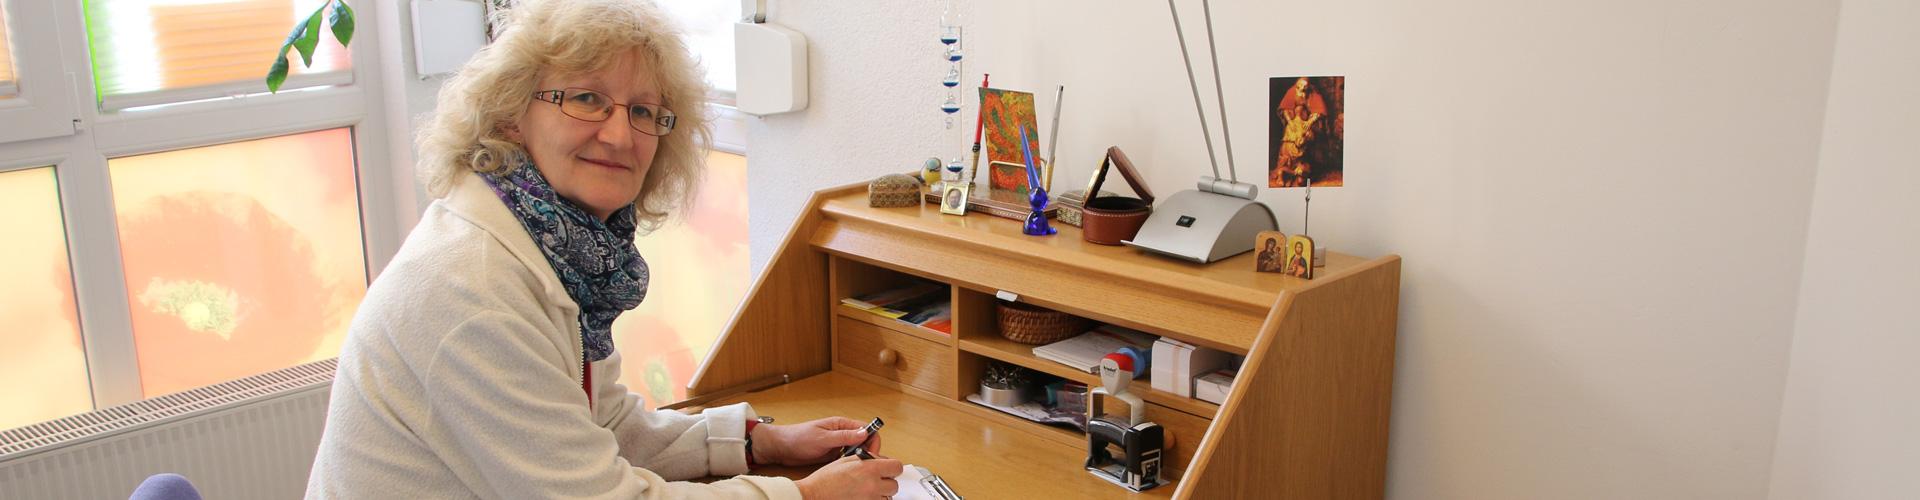 Therapeutin für Entspannungsverfahren in Stuttgart